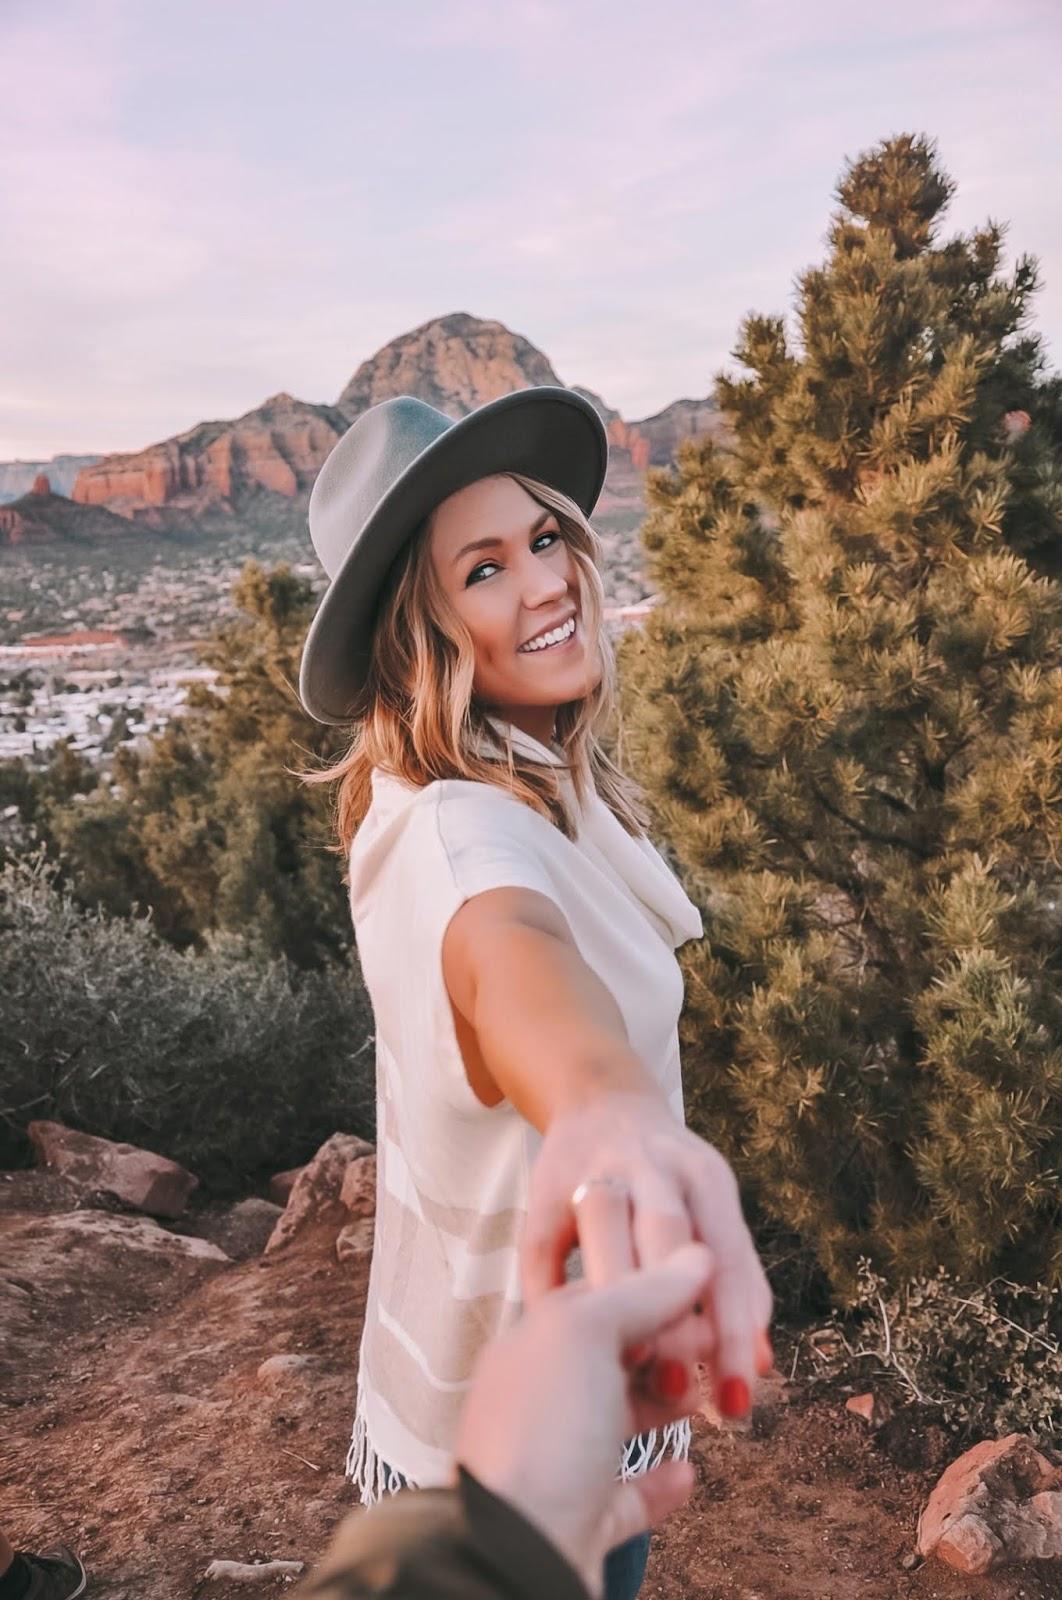 Oklahoma blogger Amanda Martin of Amanda's OK explore Sedona, Arizona